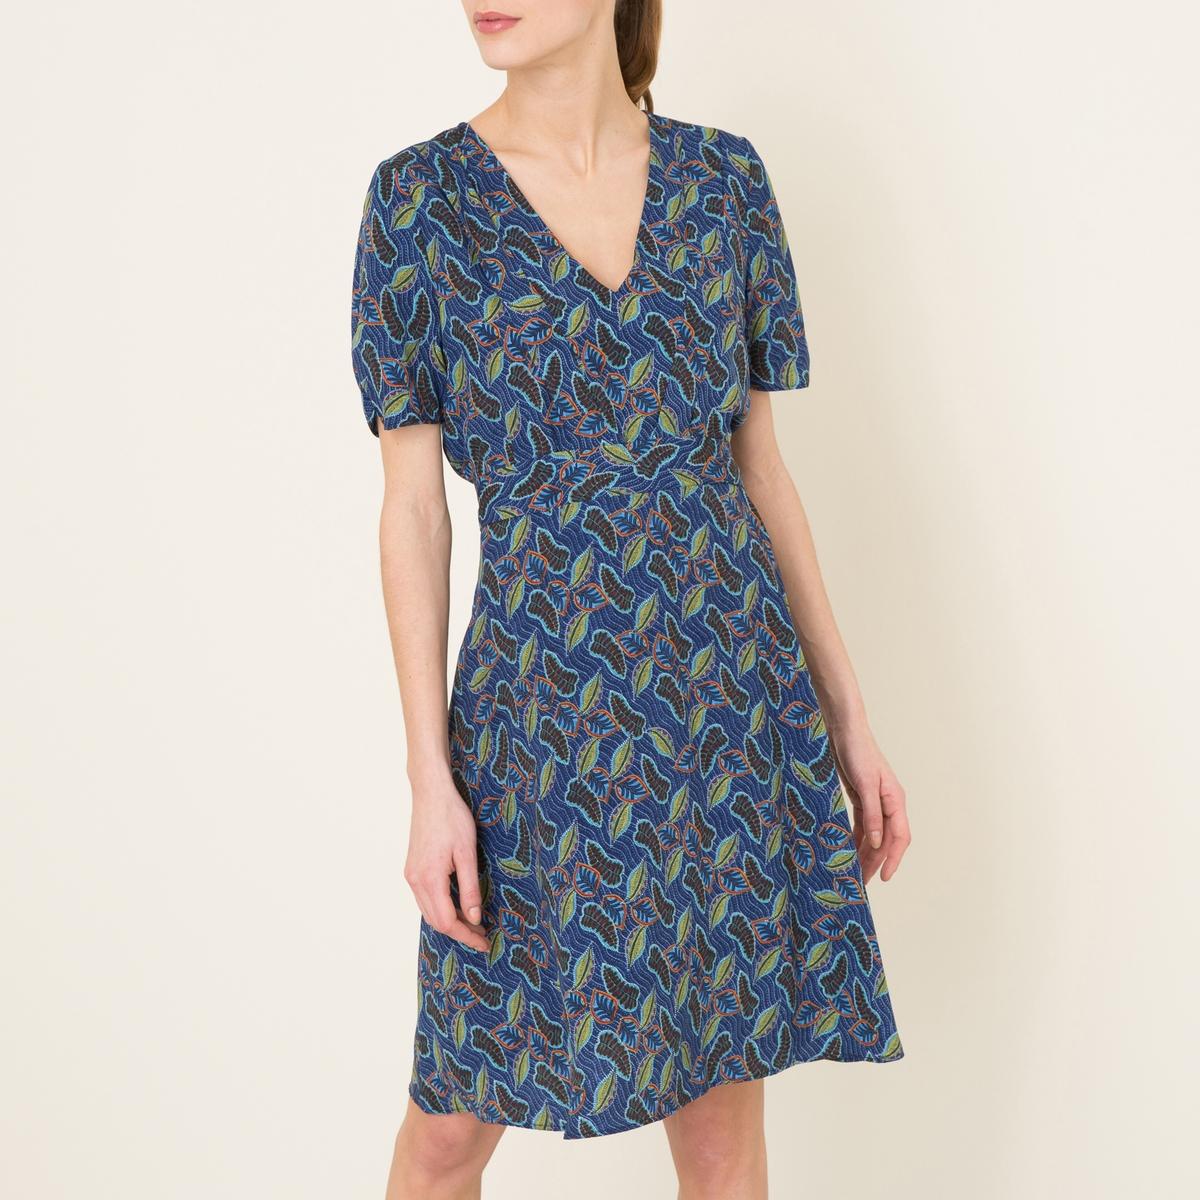 Платье VIVALDIСостав и описание Материал : 100% полиэстерДлина : 100 см. для размера 36Марка : LA BRAND BOUTIQUE<br><br>Цвет: рисунок темно-синий